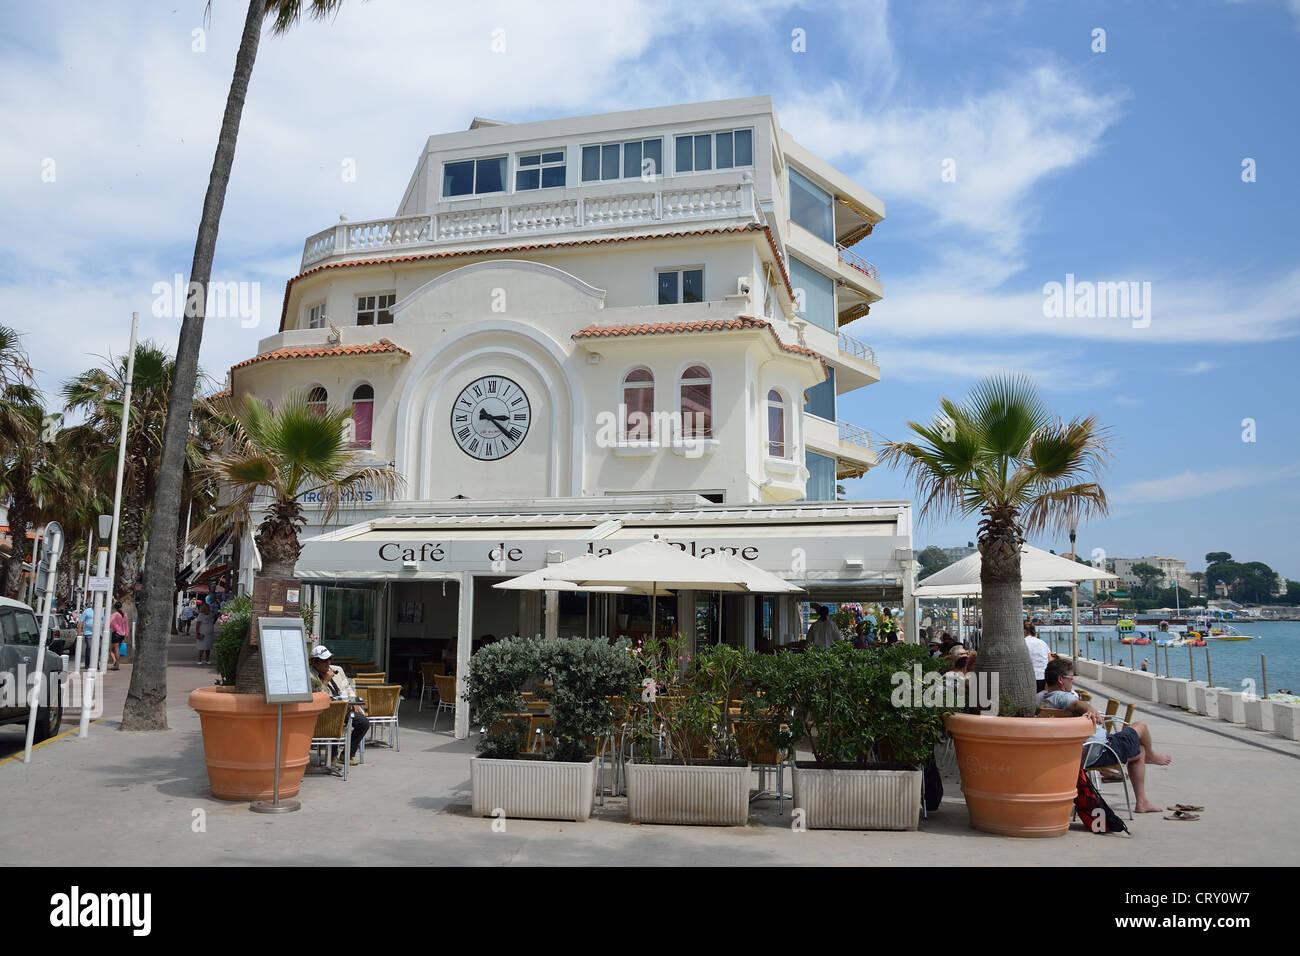 le cafe de la plage boulevard douard baudoin juan les pins c te stock photo 49151235 alamy. Black Bedroom Furniture Sets. Home Design Ideas